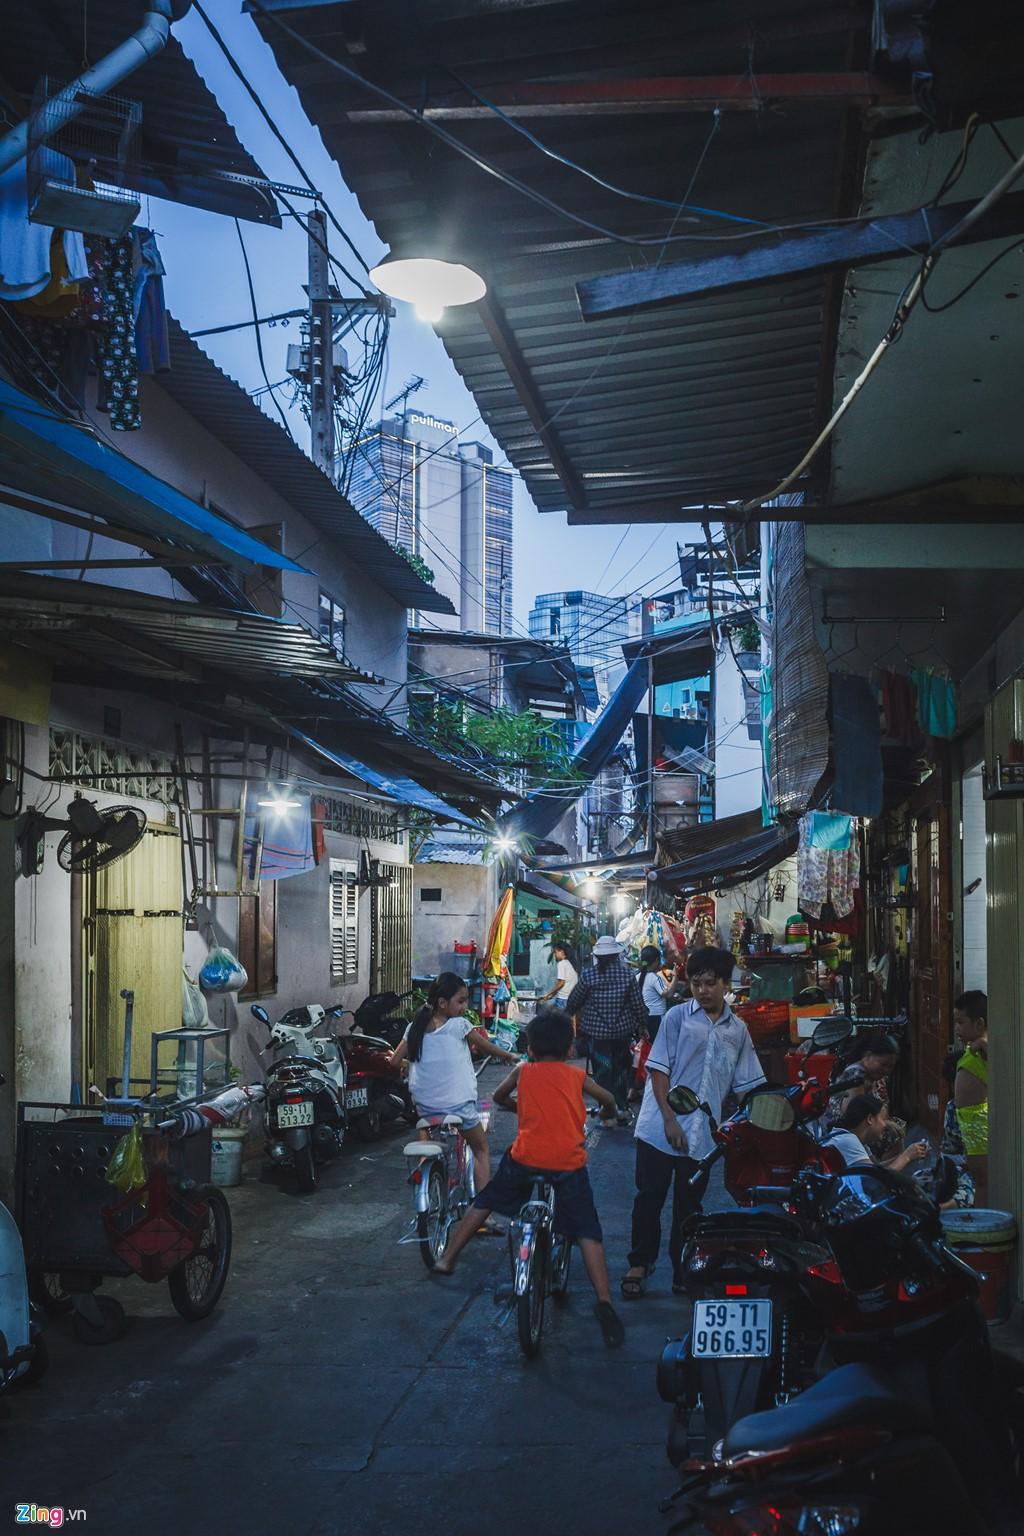 Khi trời nhá nhem tối, những toà nhà cao tầng xung quanh bắt đầu bật đèn sáng choang, hắt ánh sáng của sự phồn hoa xuống khu phố nghèo và tối tăm.